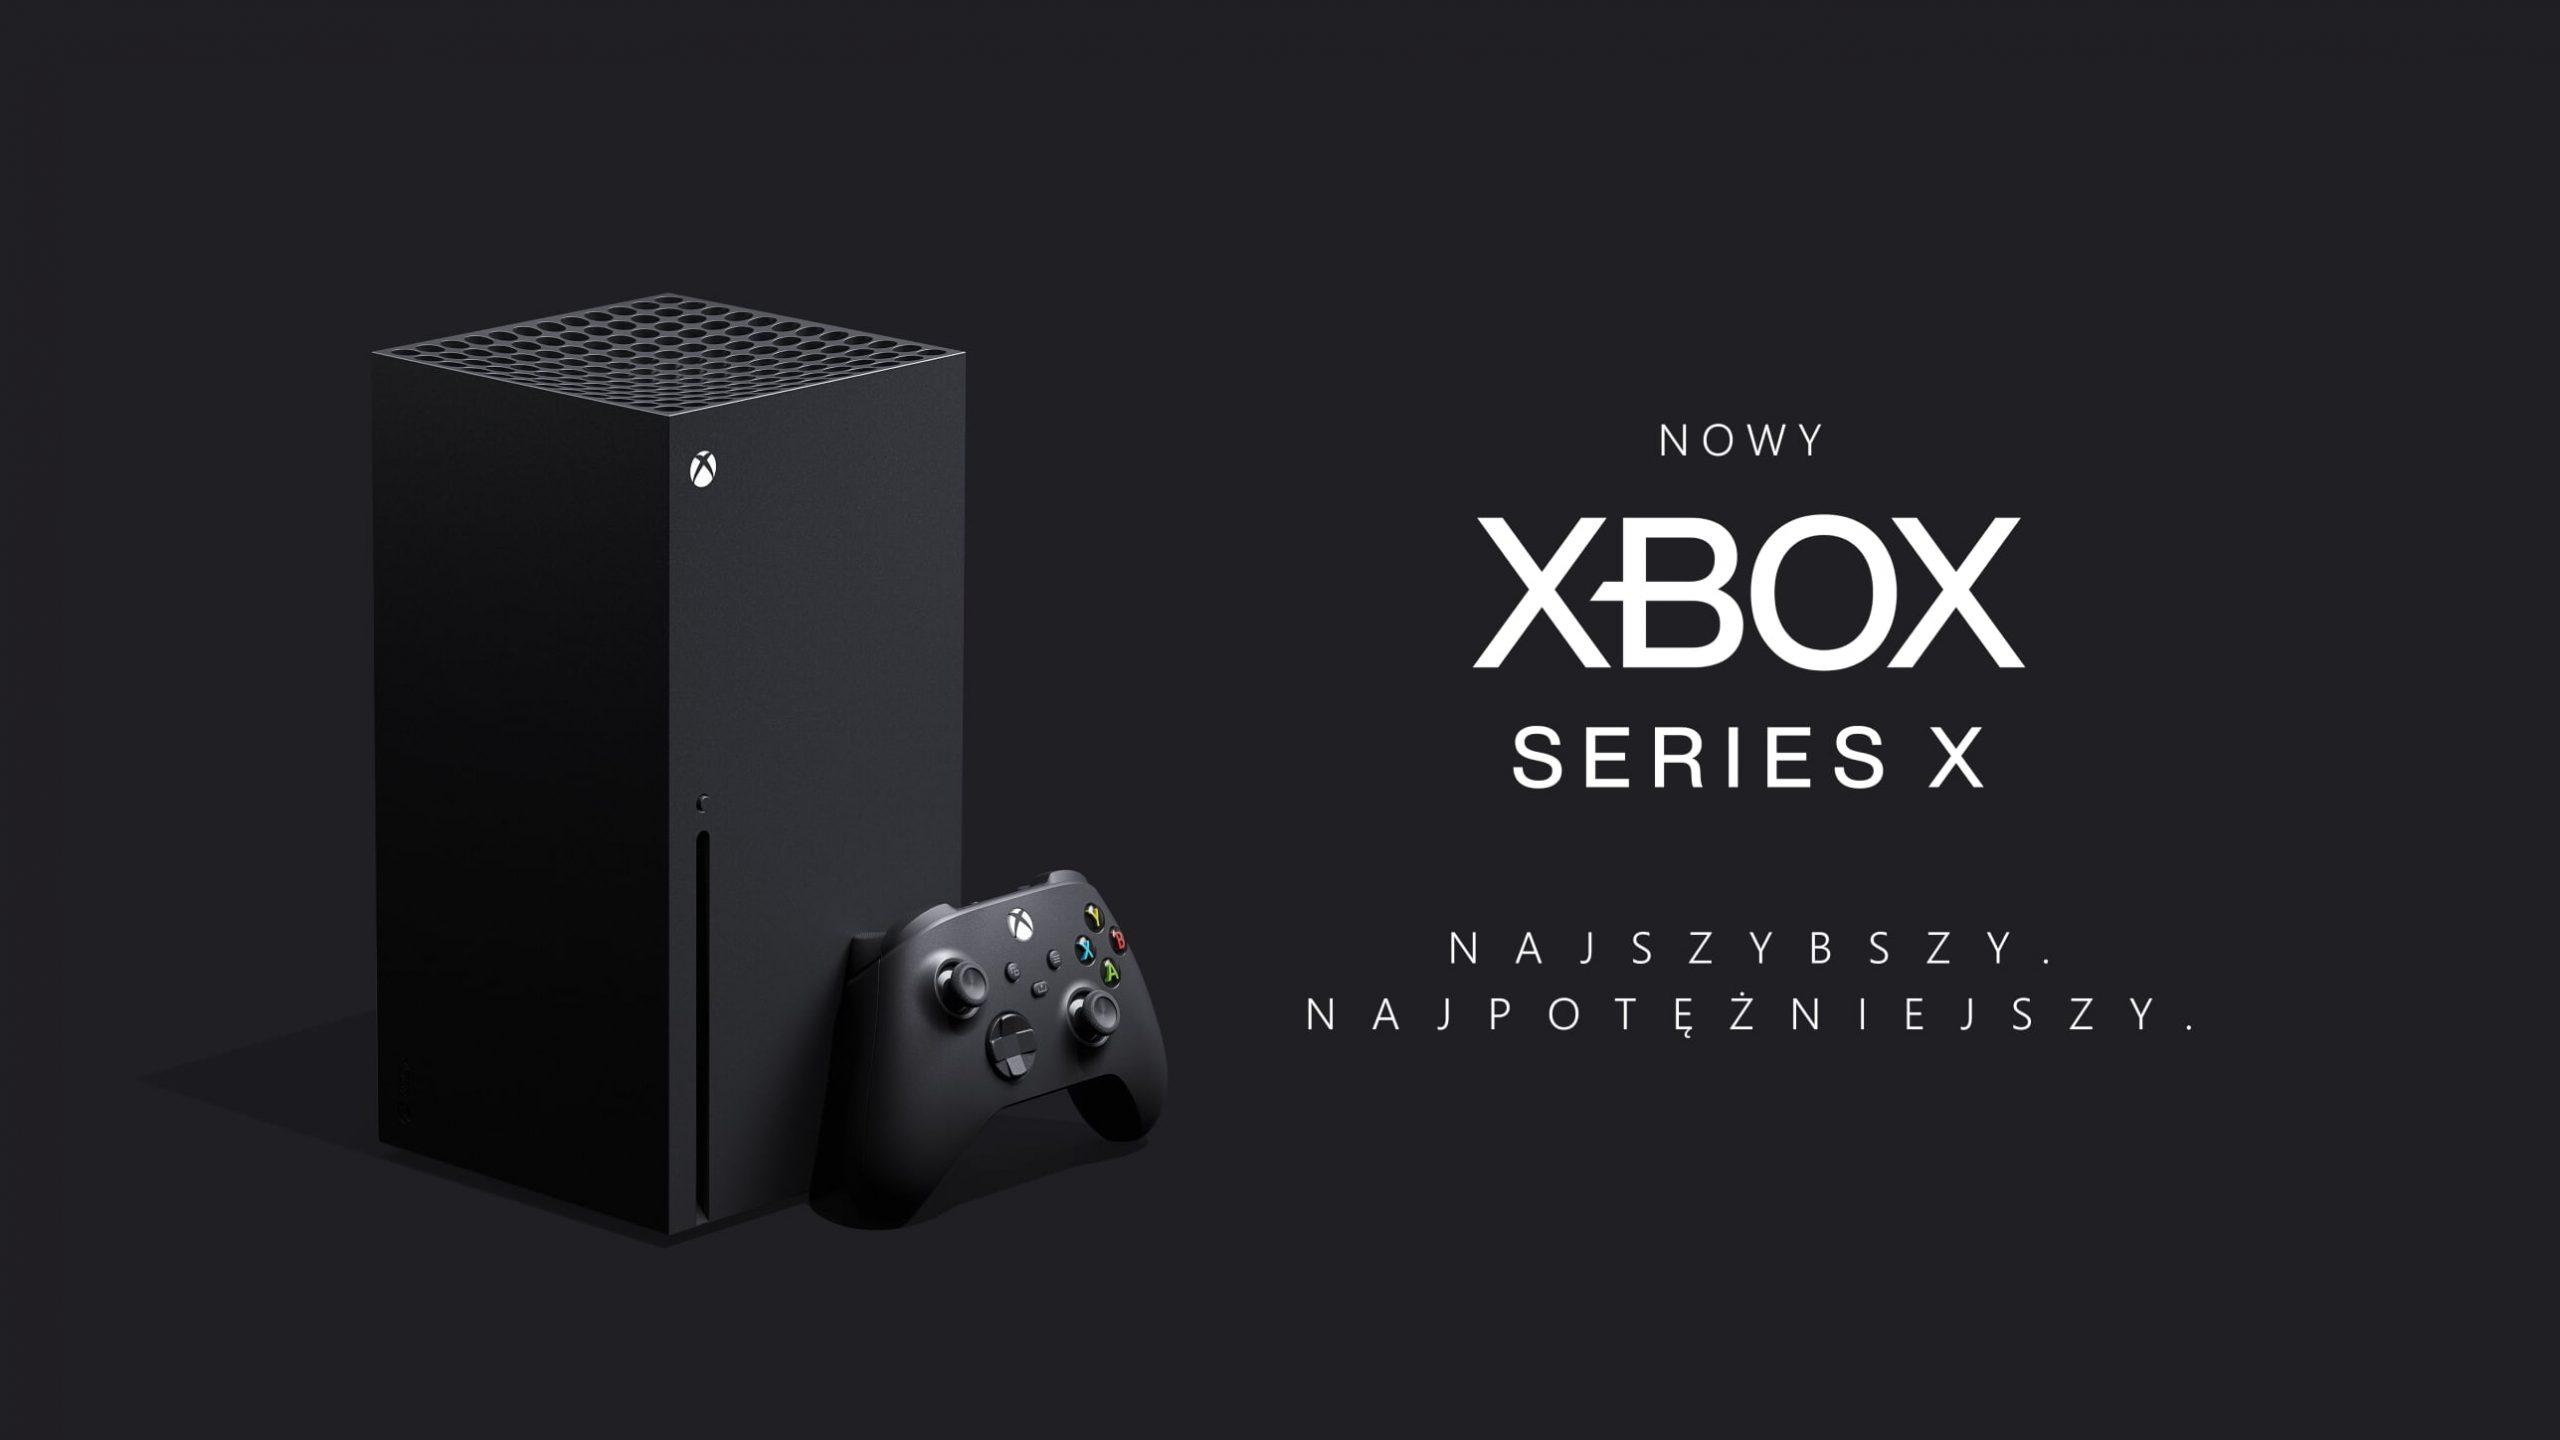 Microsoft-ek Xbox Series X-ren estreinaldien hasierako zerrenda erakutsi zuen. Soinu logo berria ere ezagutu genuen